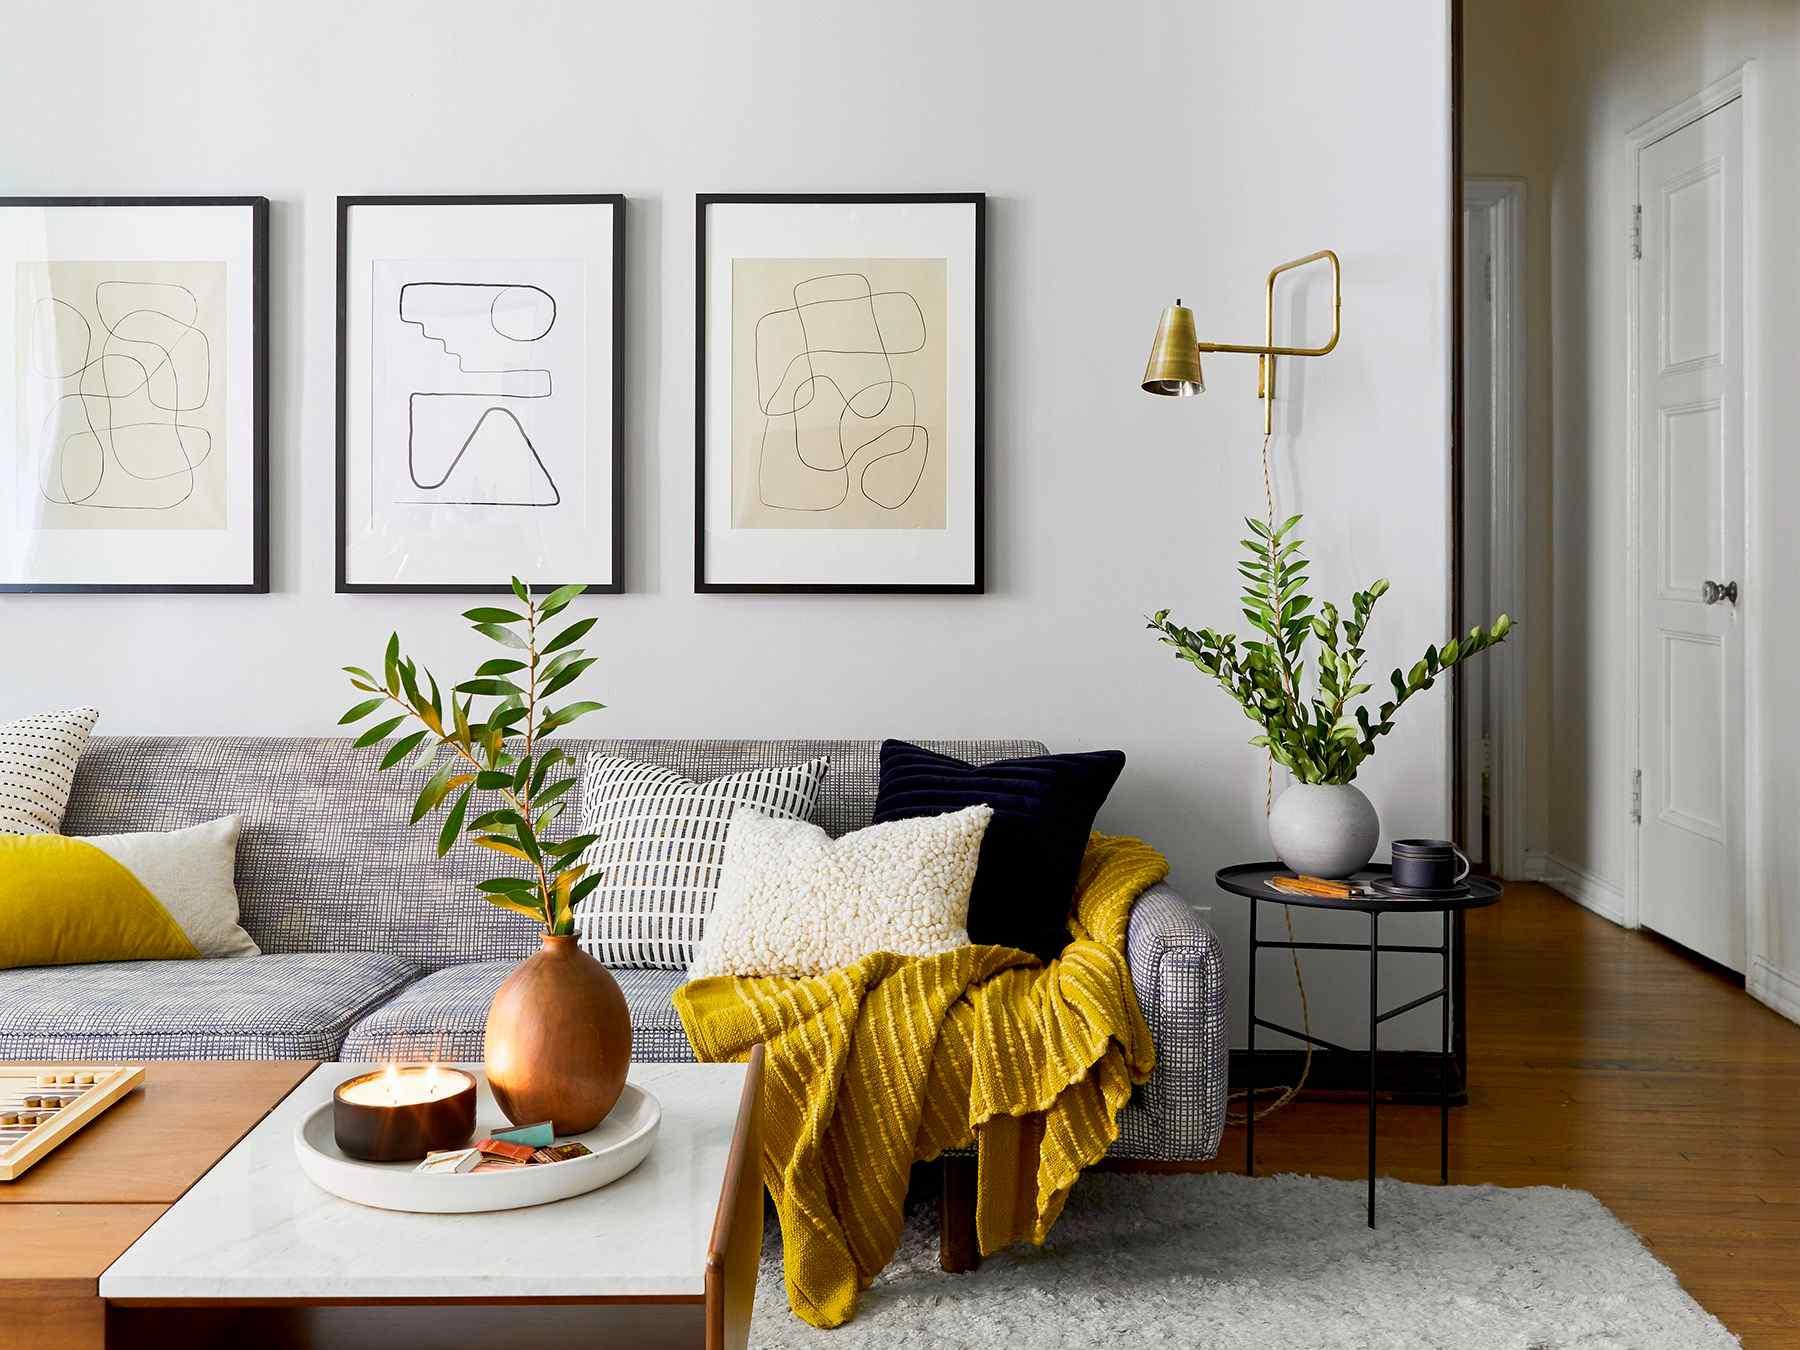 Gauč s polštáři a grafikami na stěne